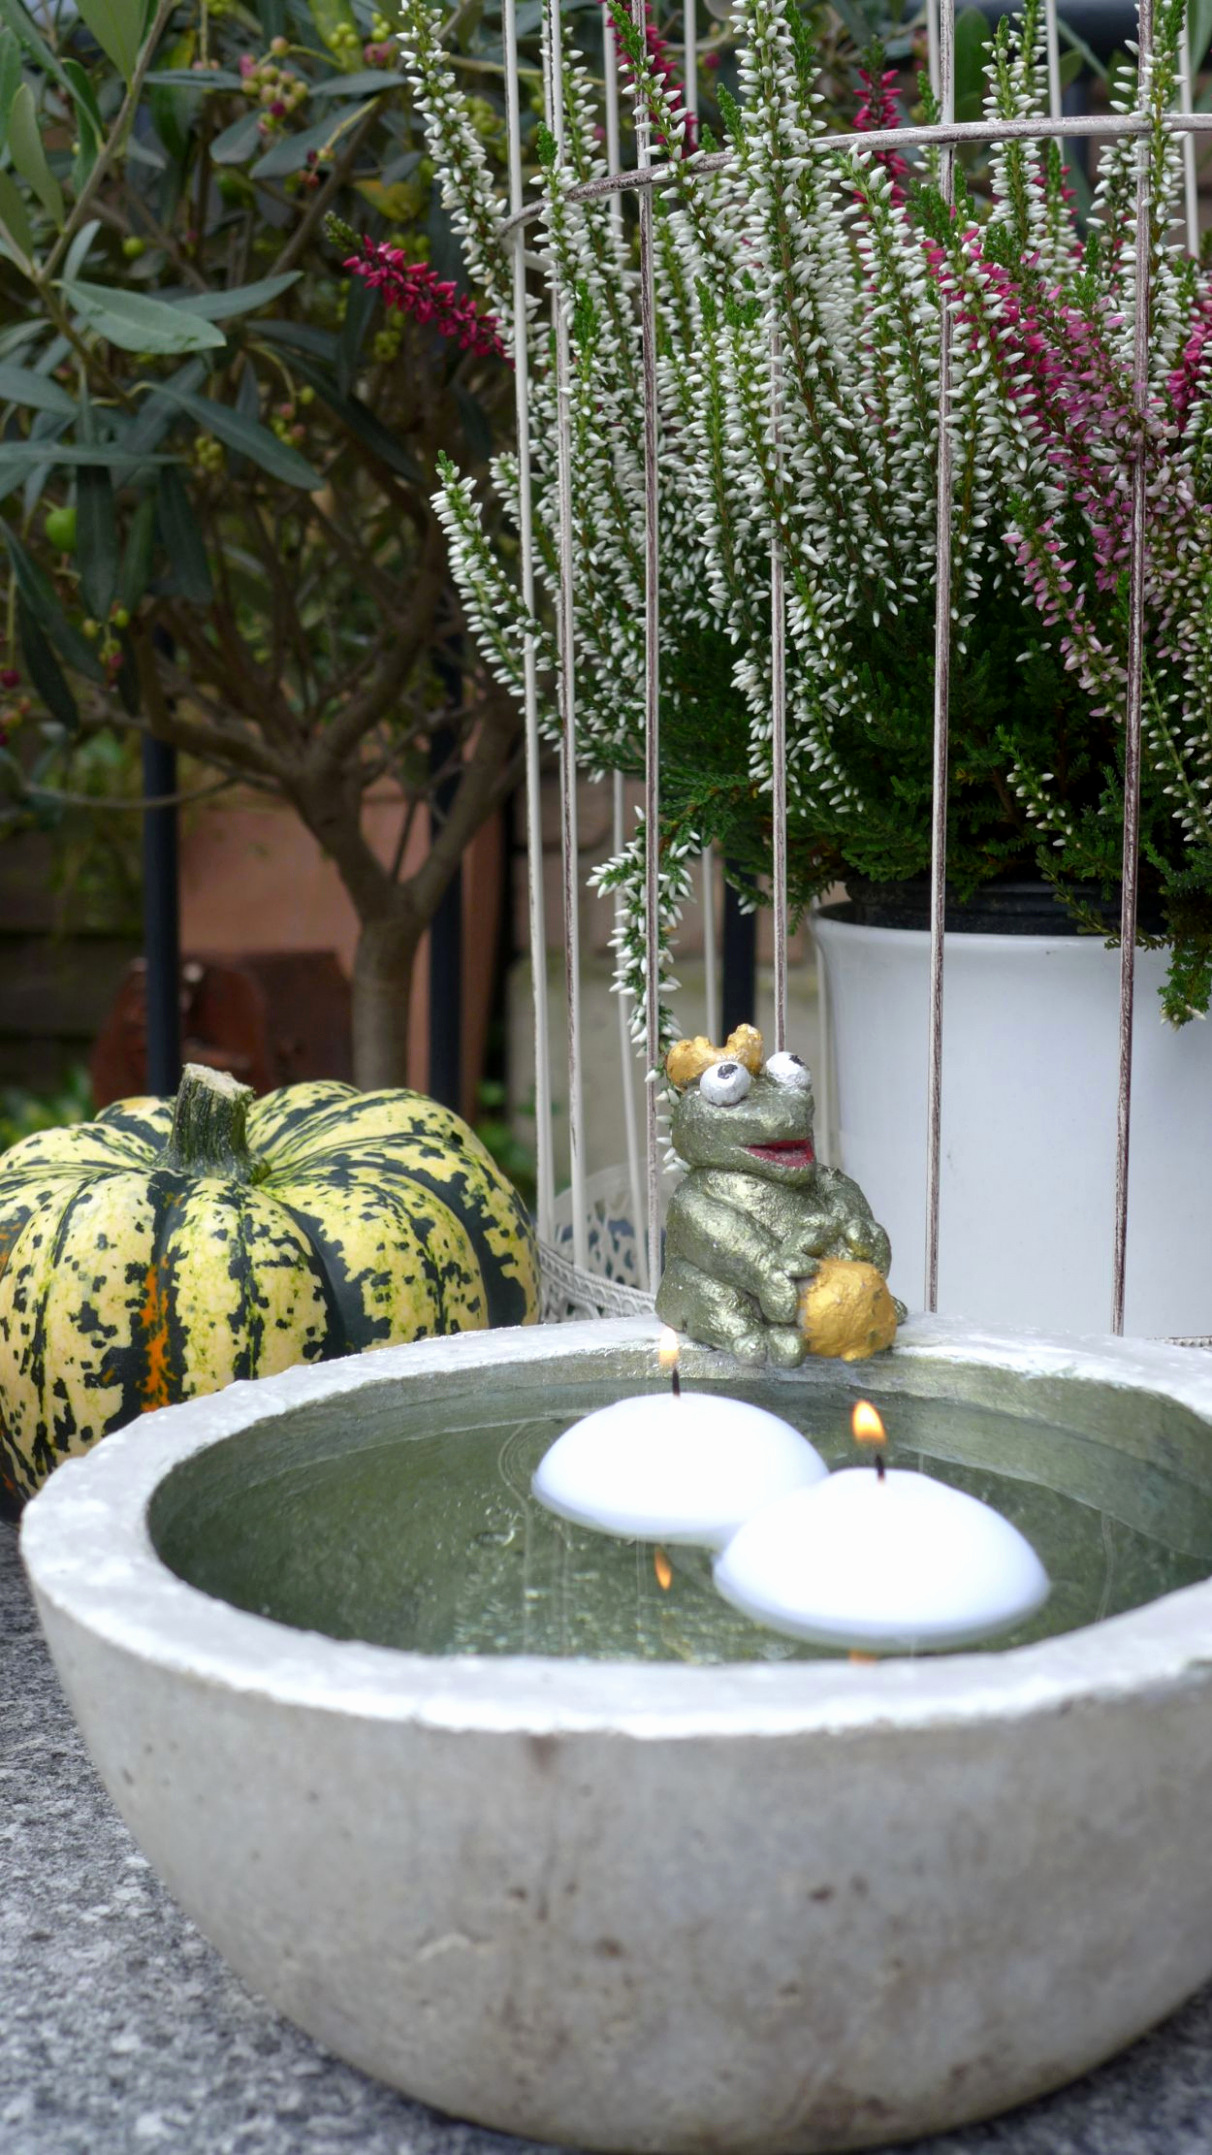 garden water features elegant zen garten deko elegant zen garten deko einzigartig reddit tennis of garden water features